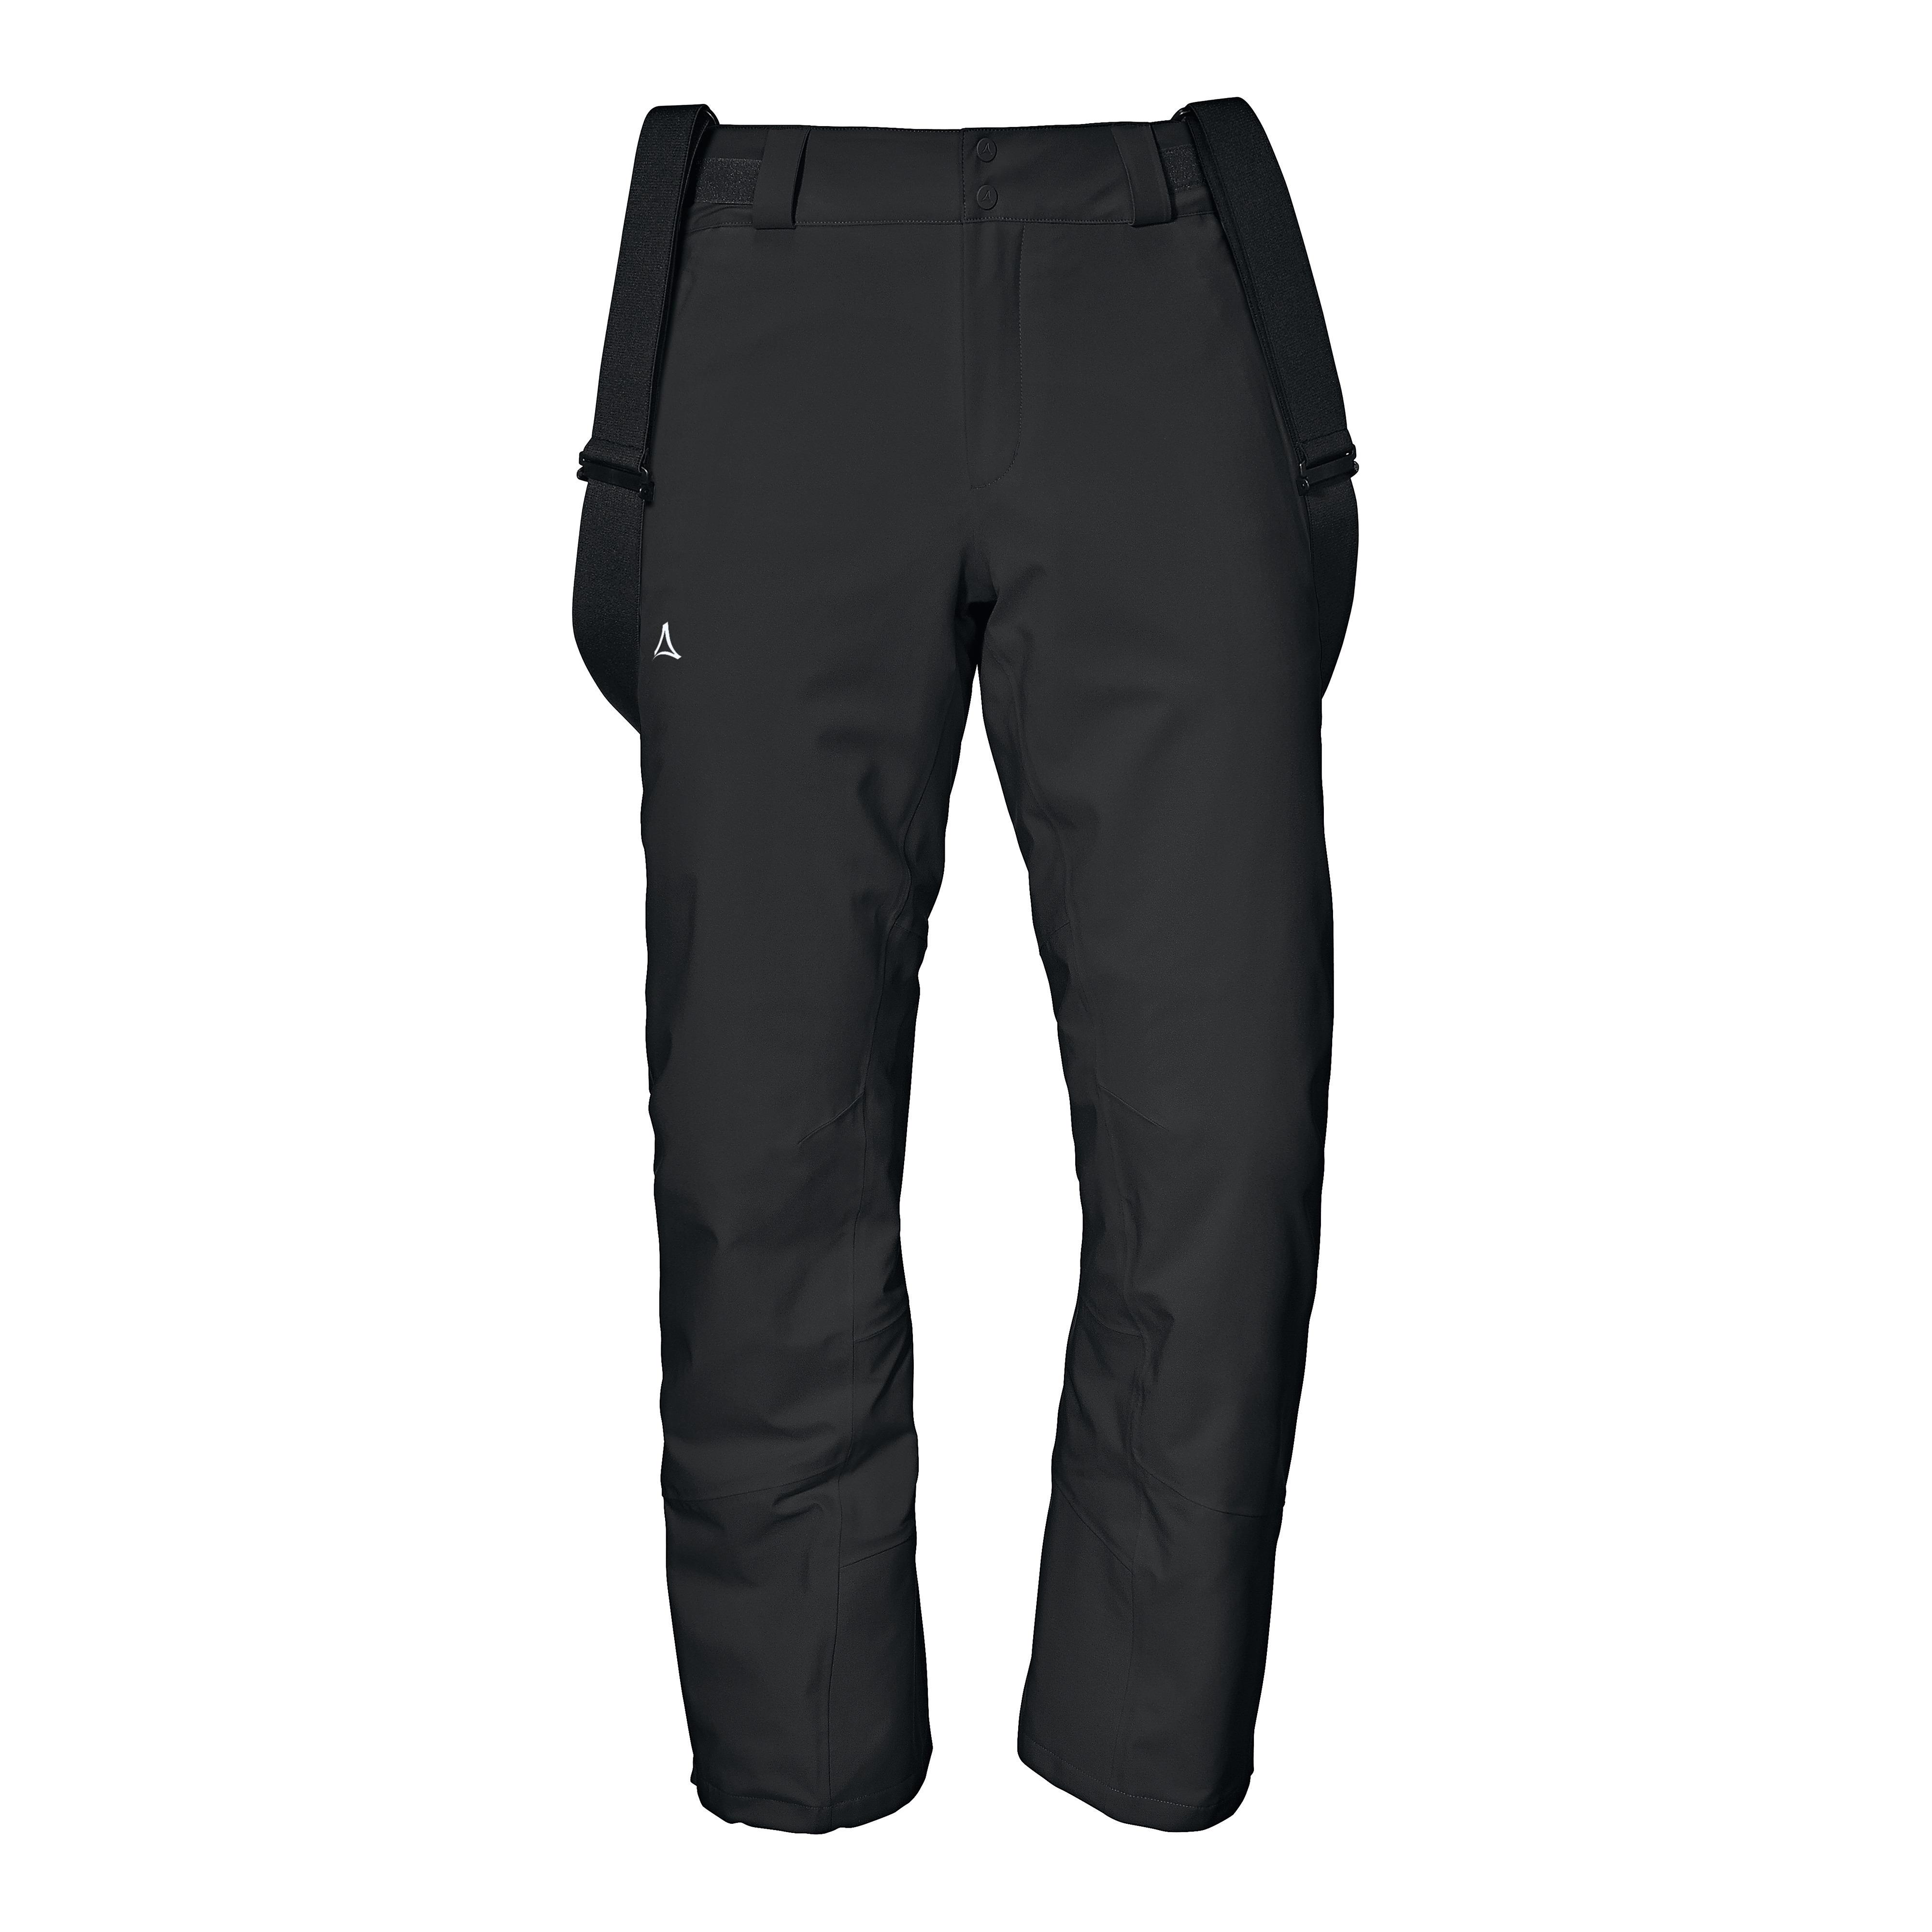 SCHÖFFEL Ski Pants Weissach M